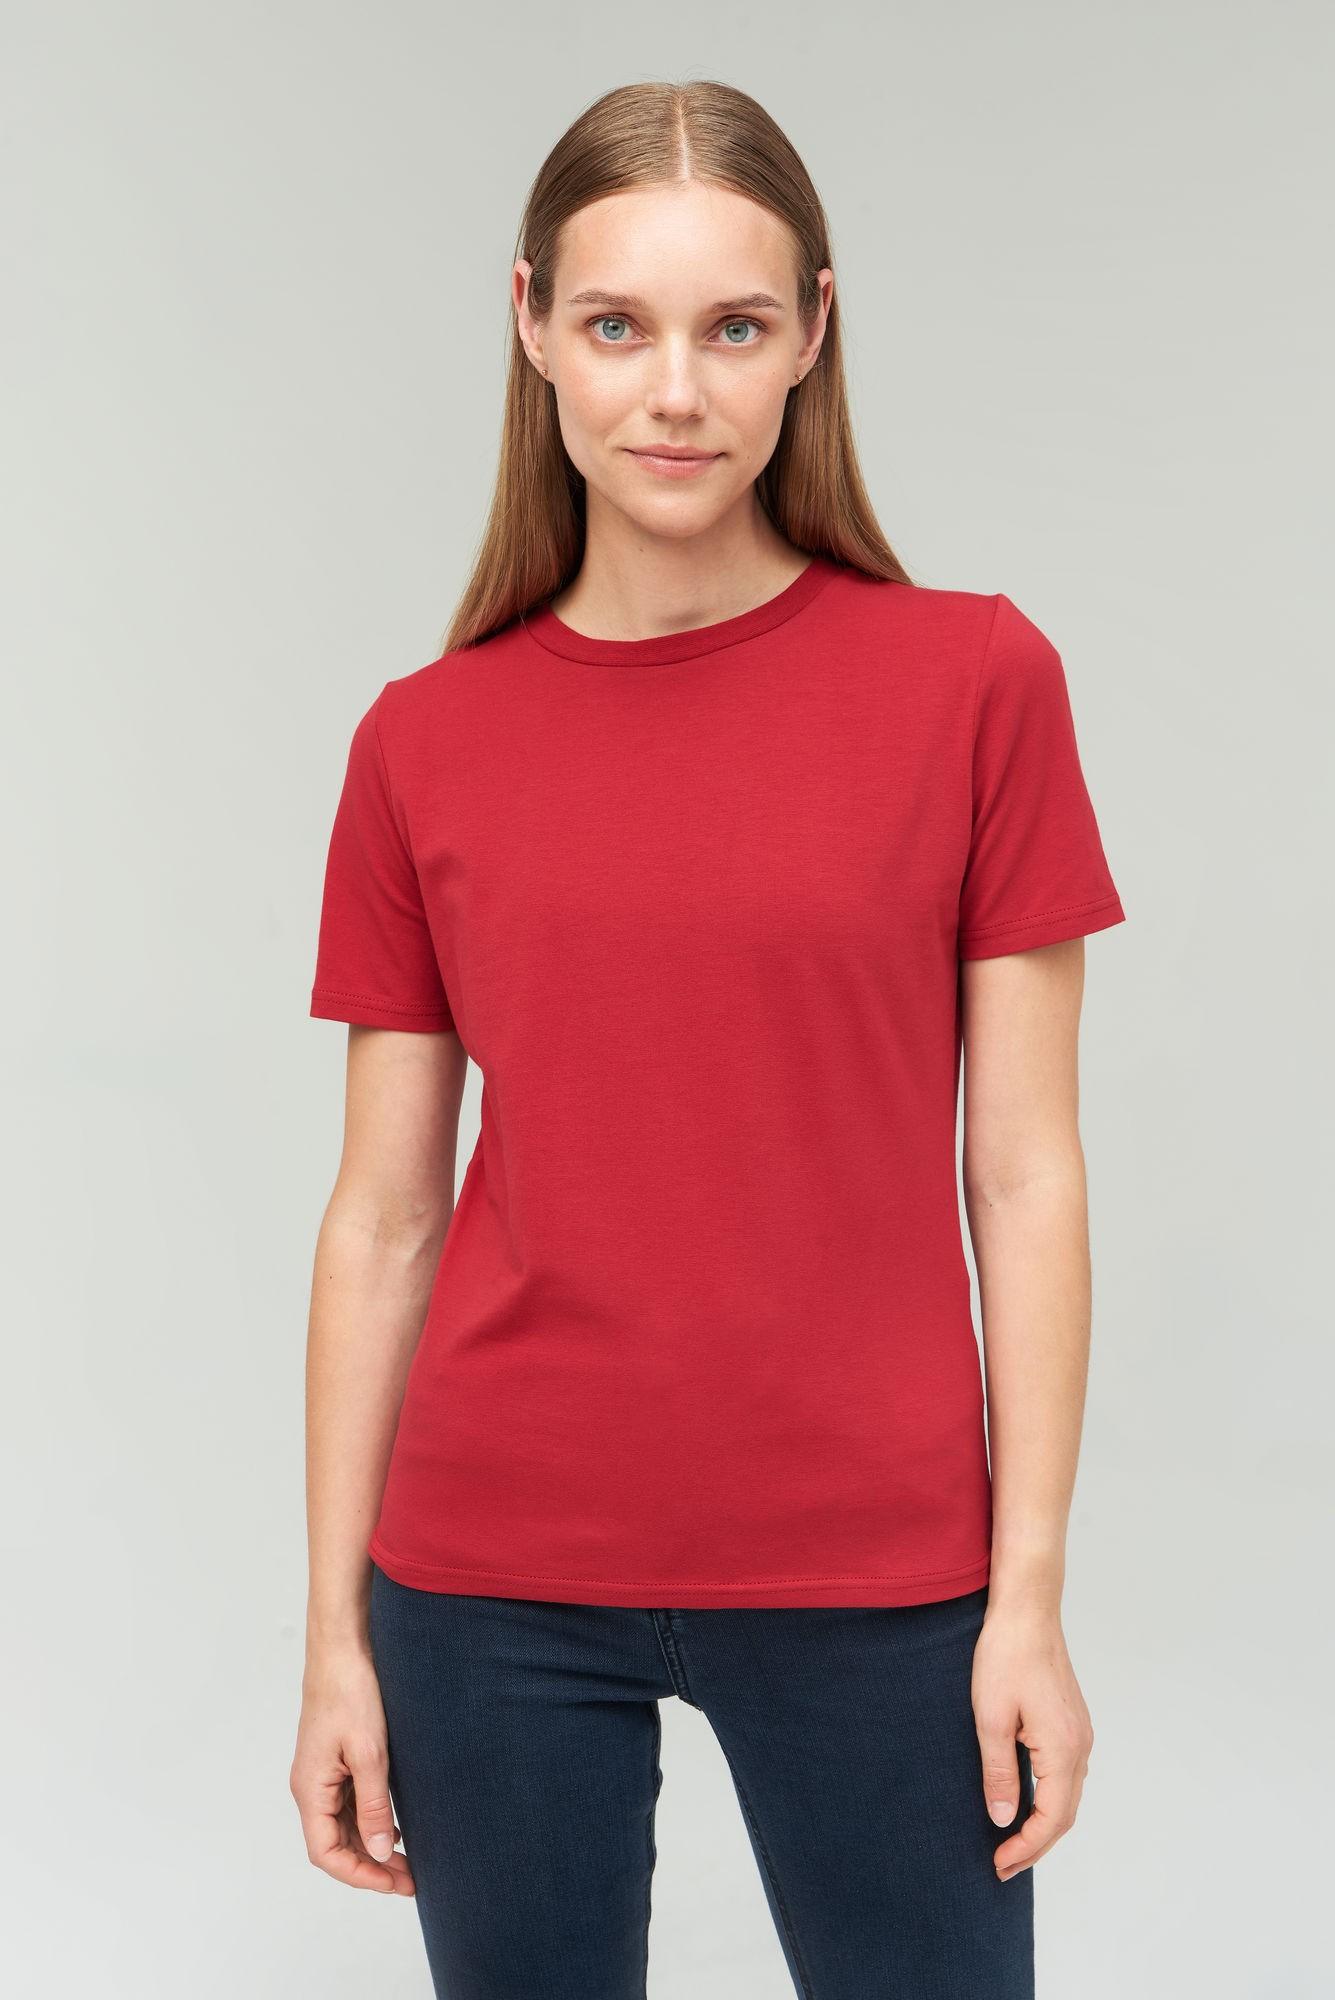 AUDIMAS Medvilniniai marškinėliai 2021-073 Rio Red M